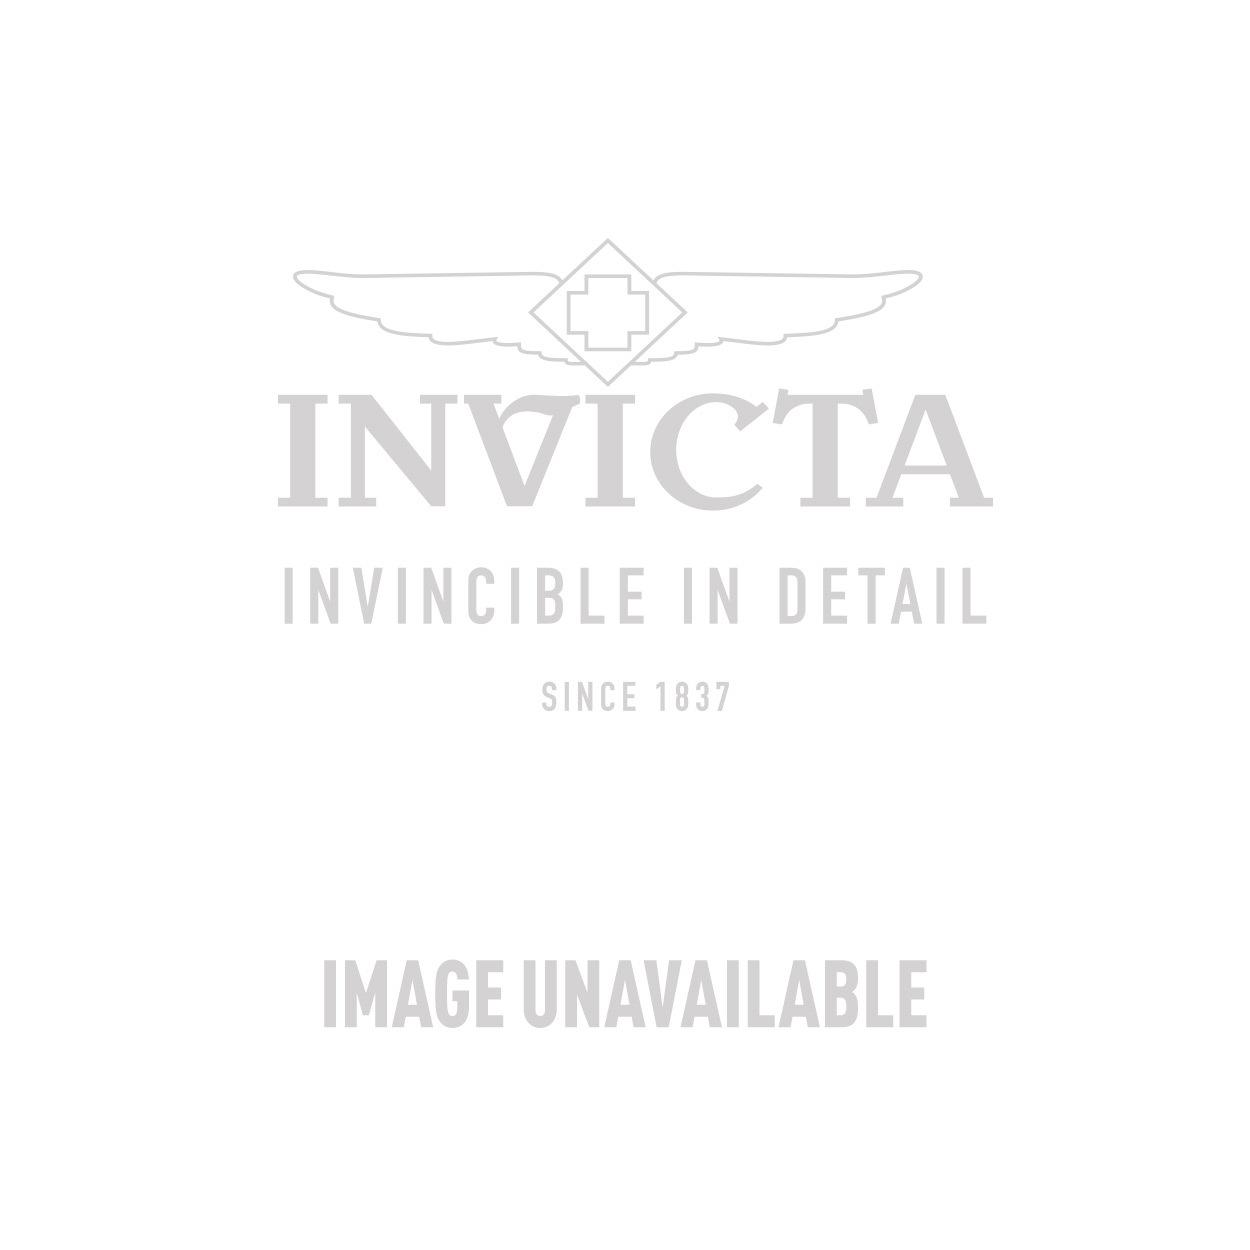 Invicta Model 27185